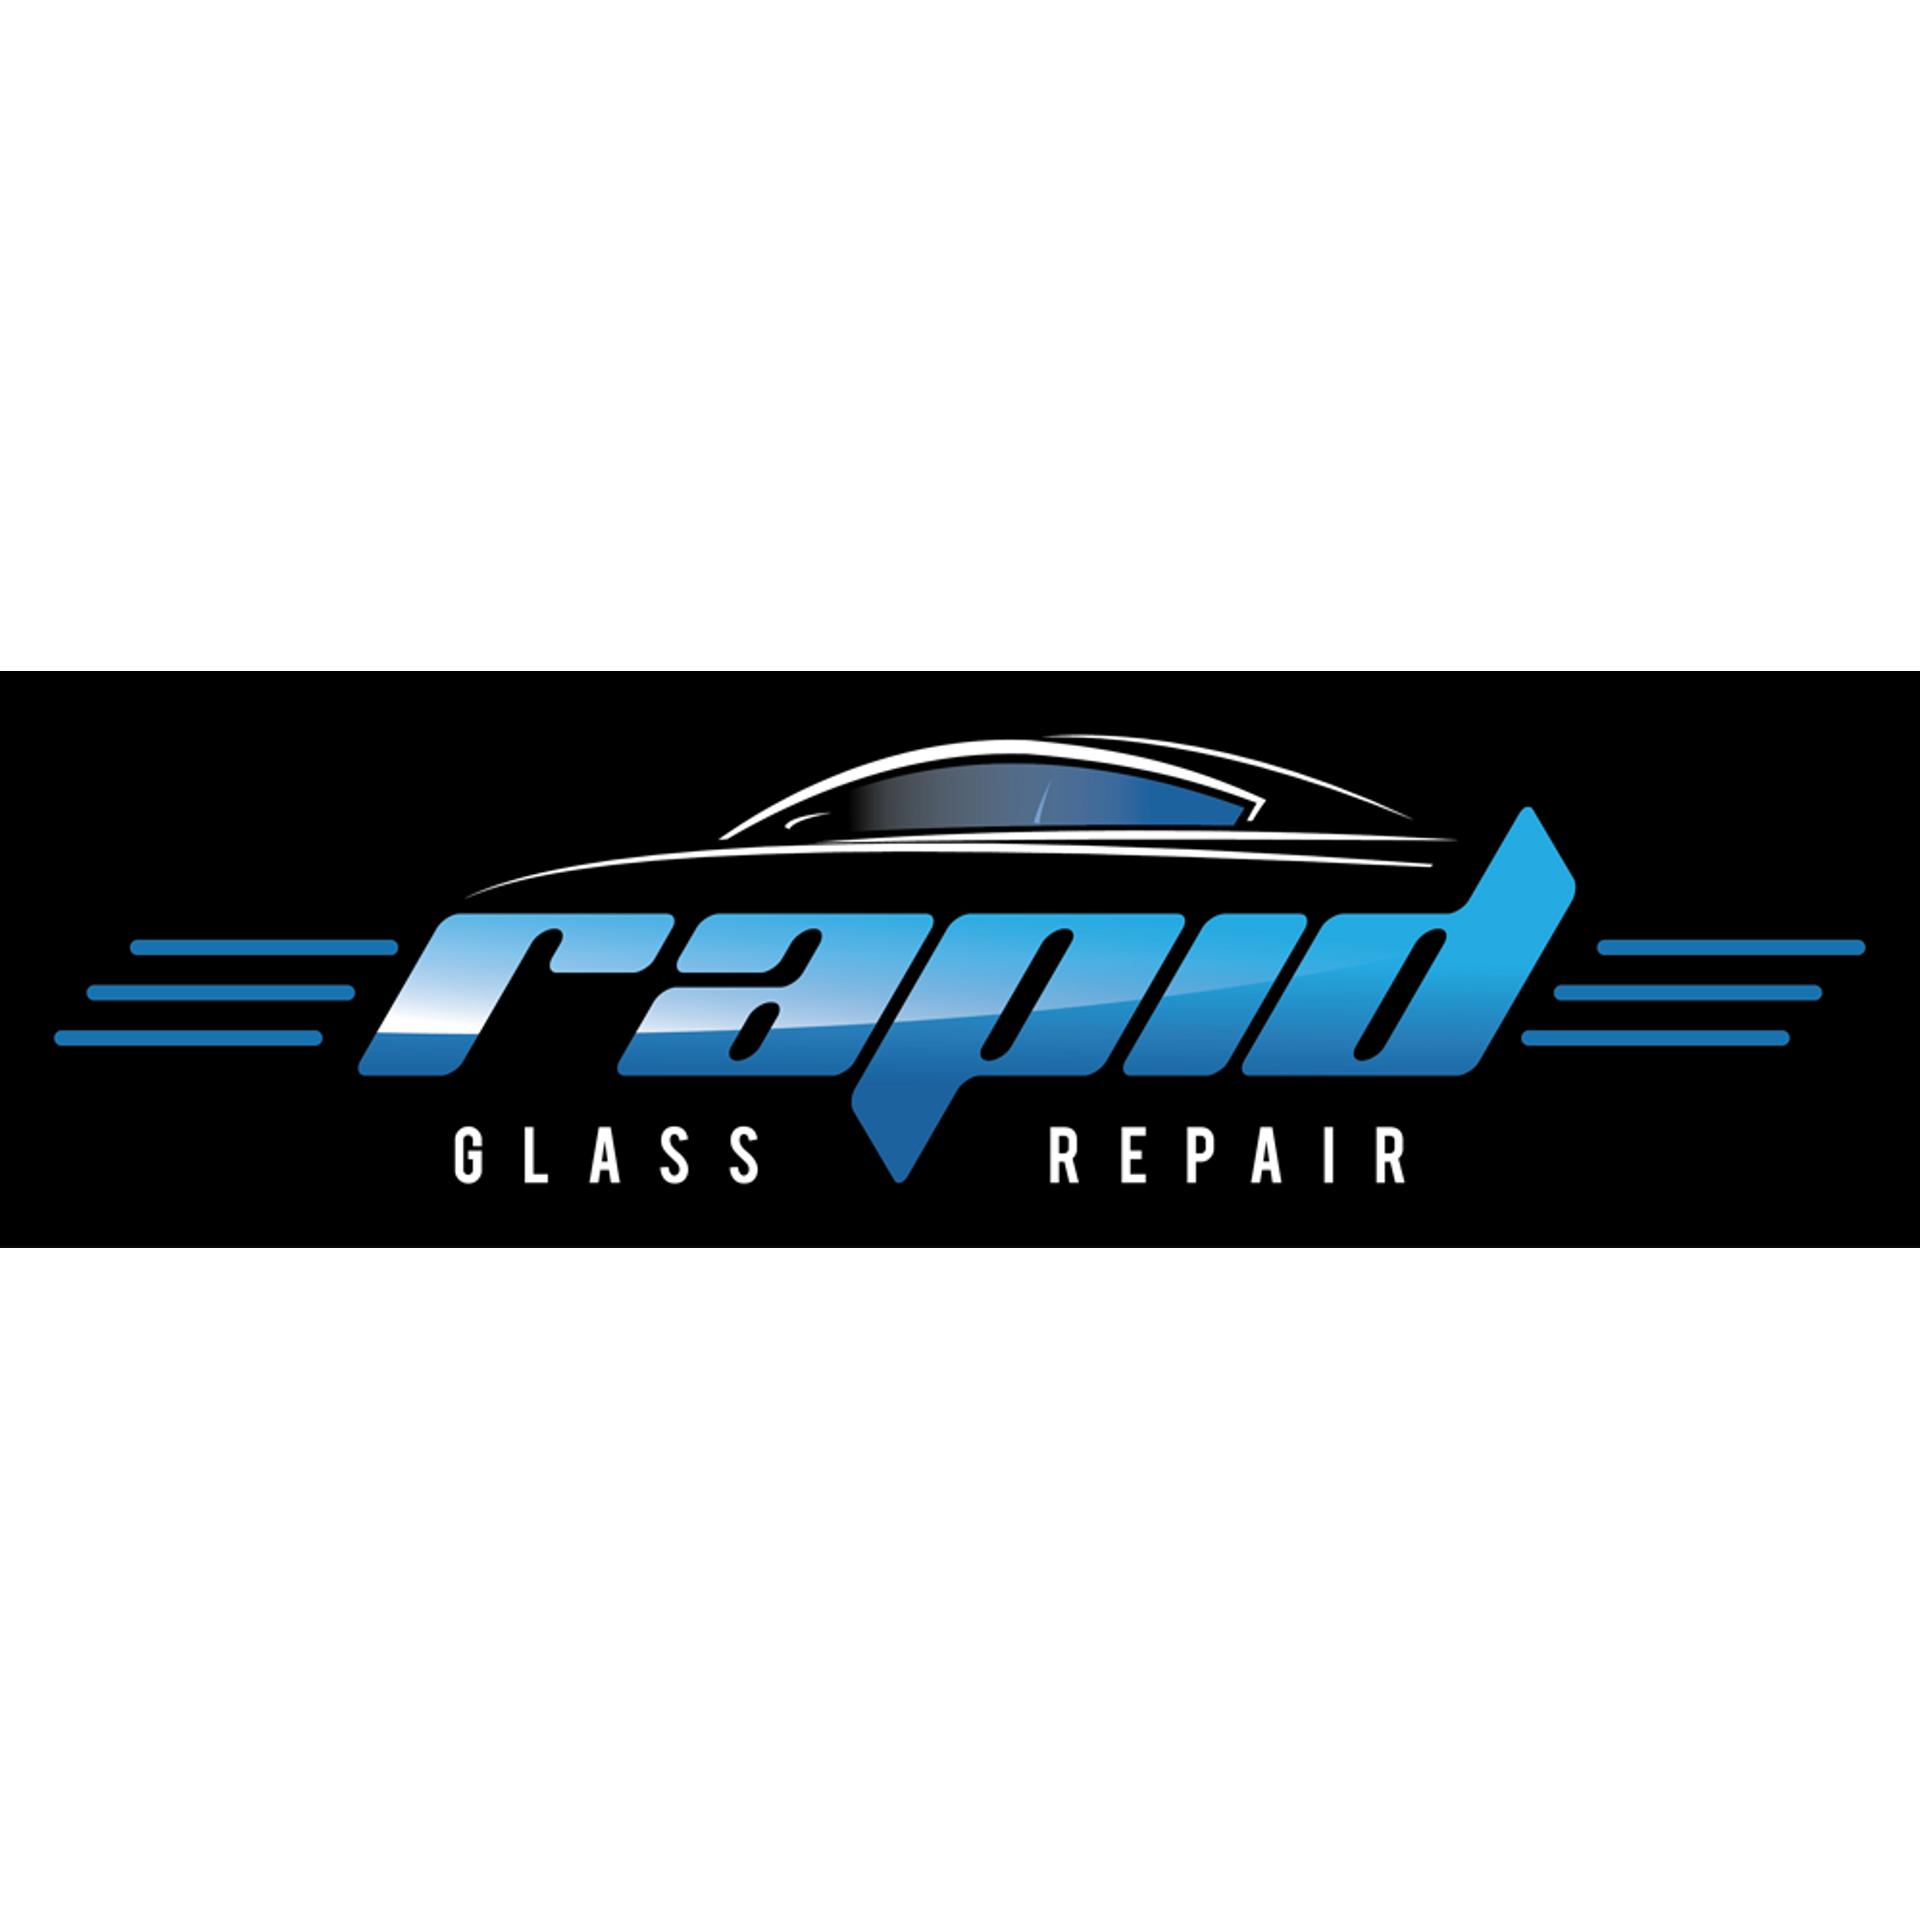 Rapid Glass Repair